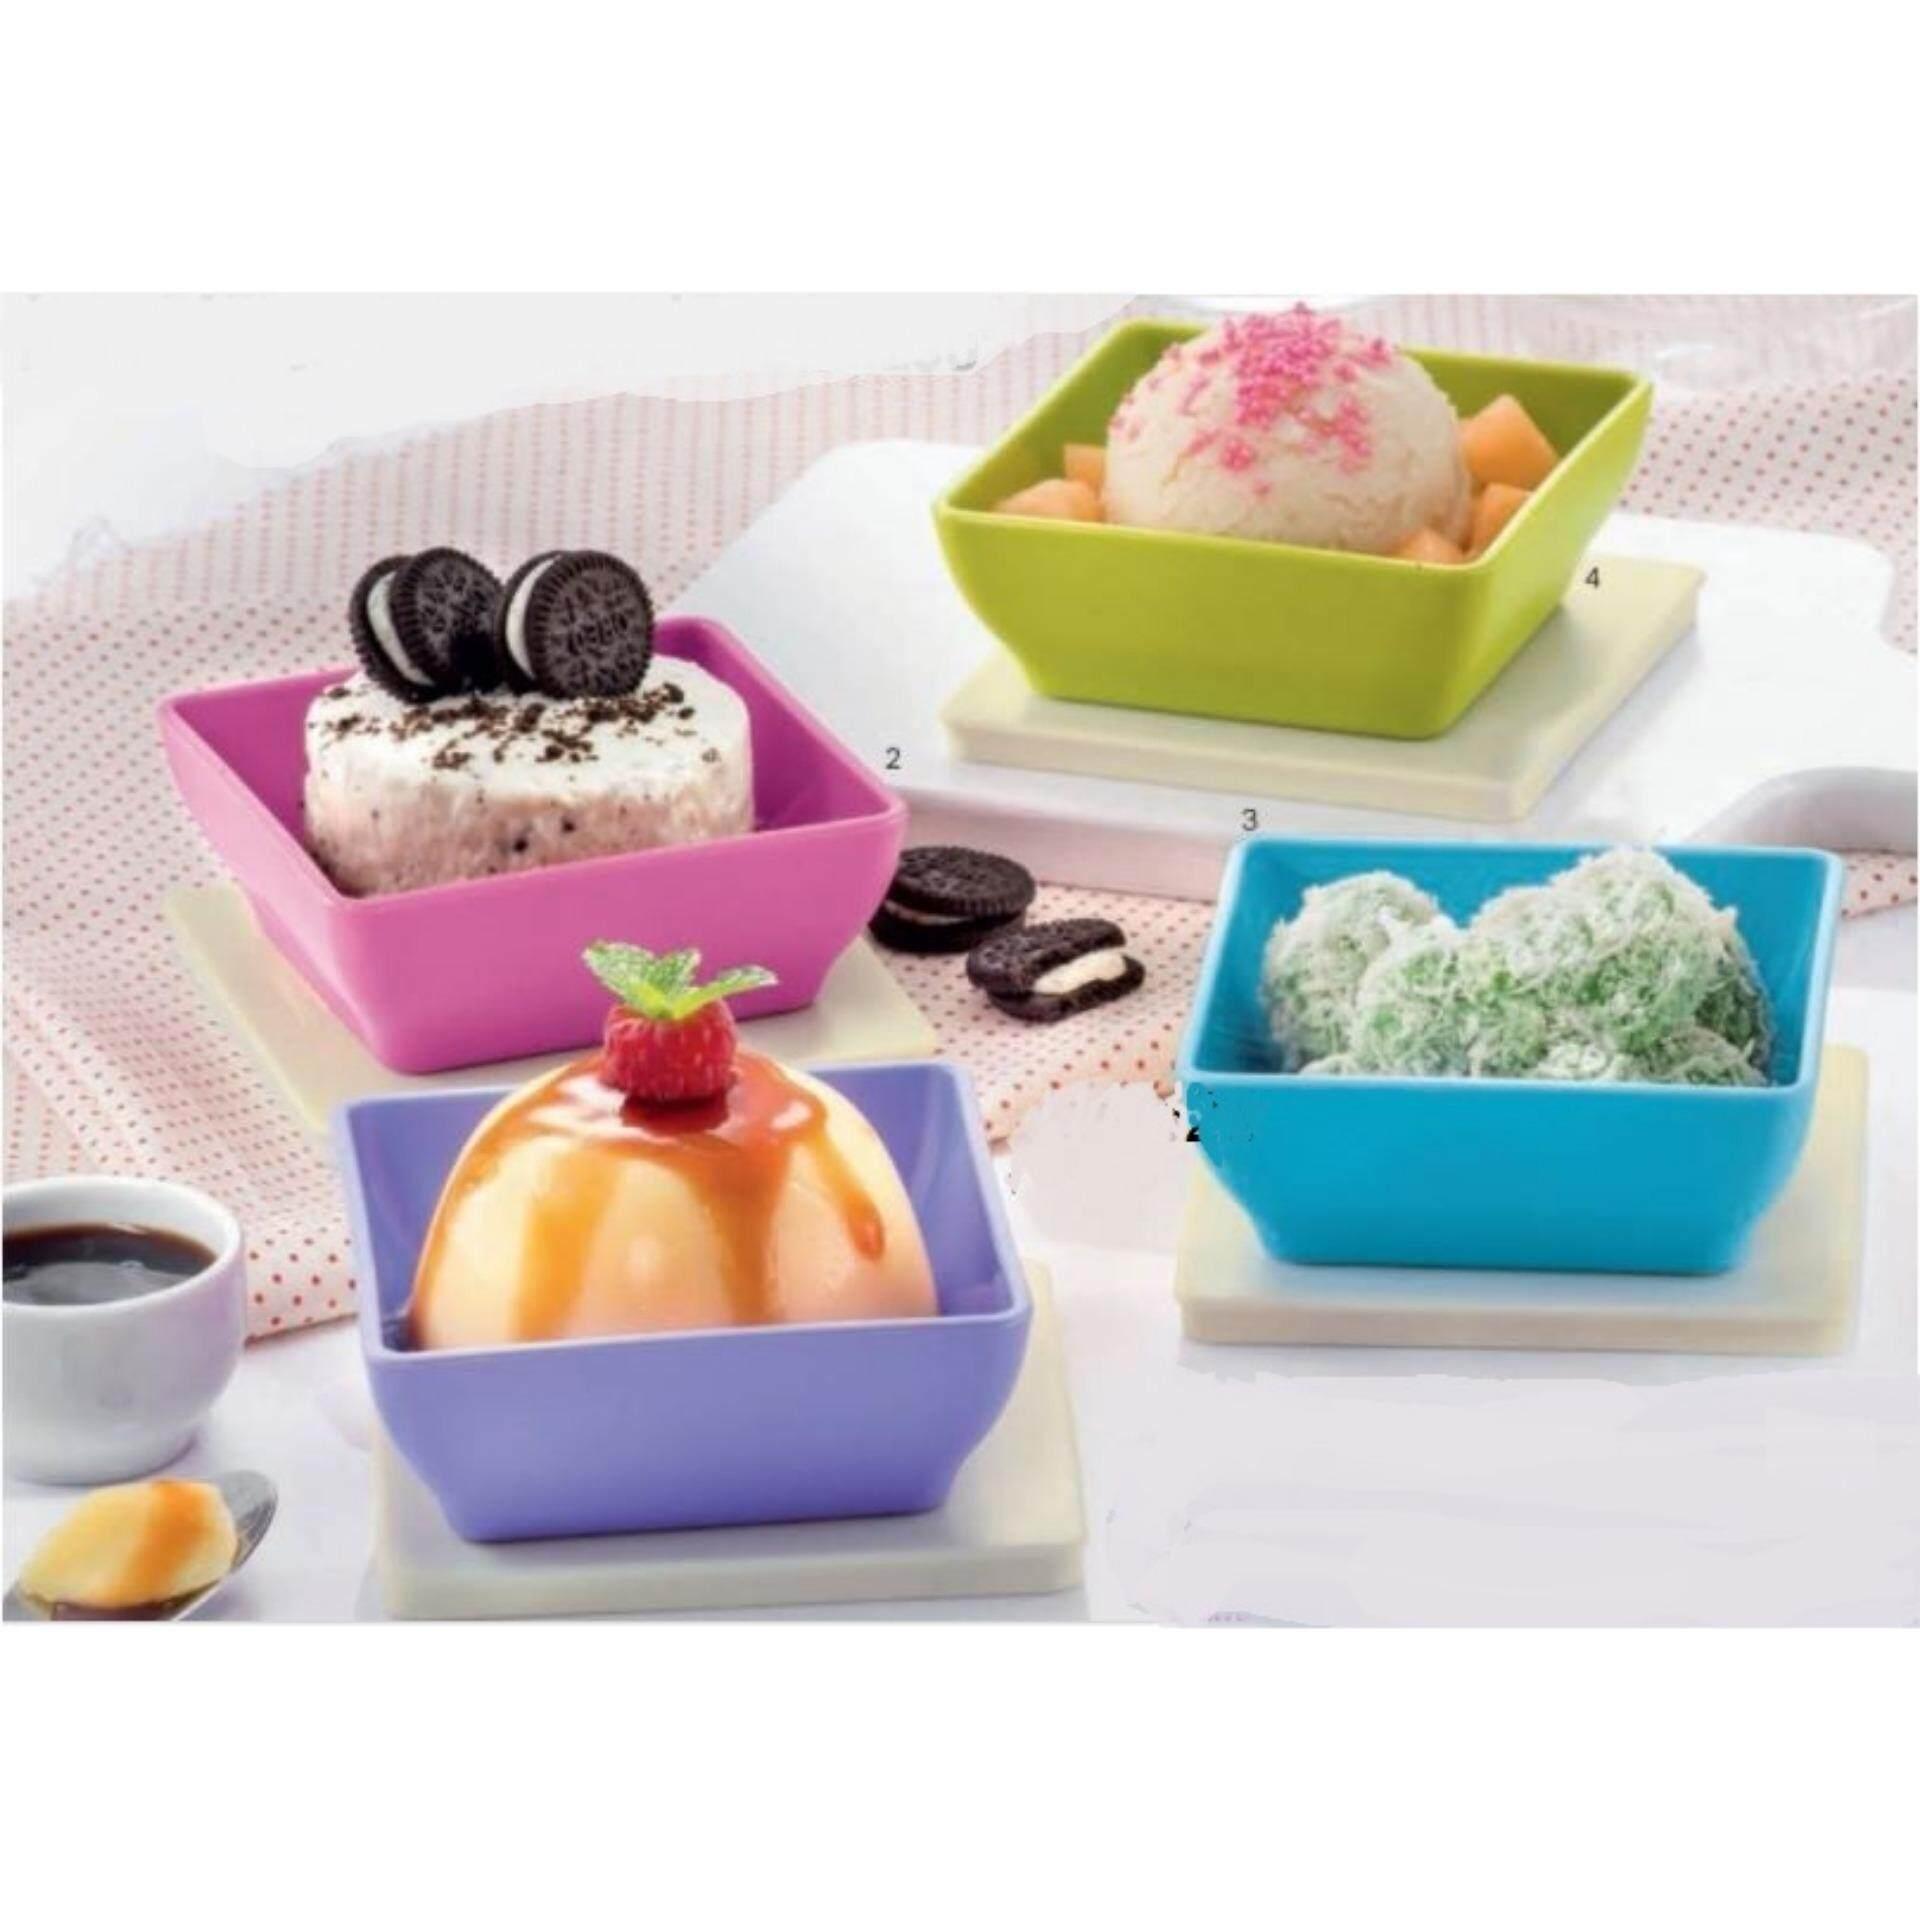 Cek Harga Tupperware Square Round Set 4pcs 400ml Terbaru Large Summer Fresh 18l Multi Colour Zen Small 4 200ml